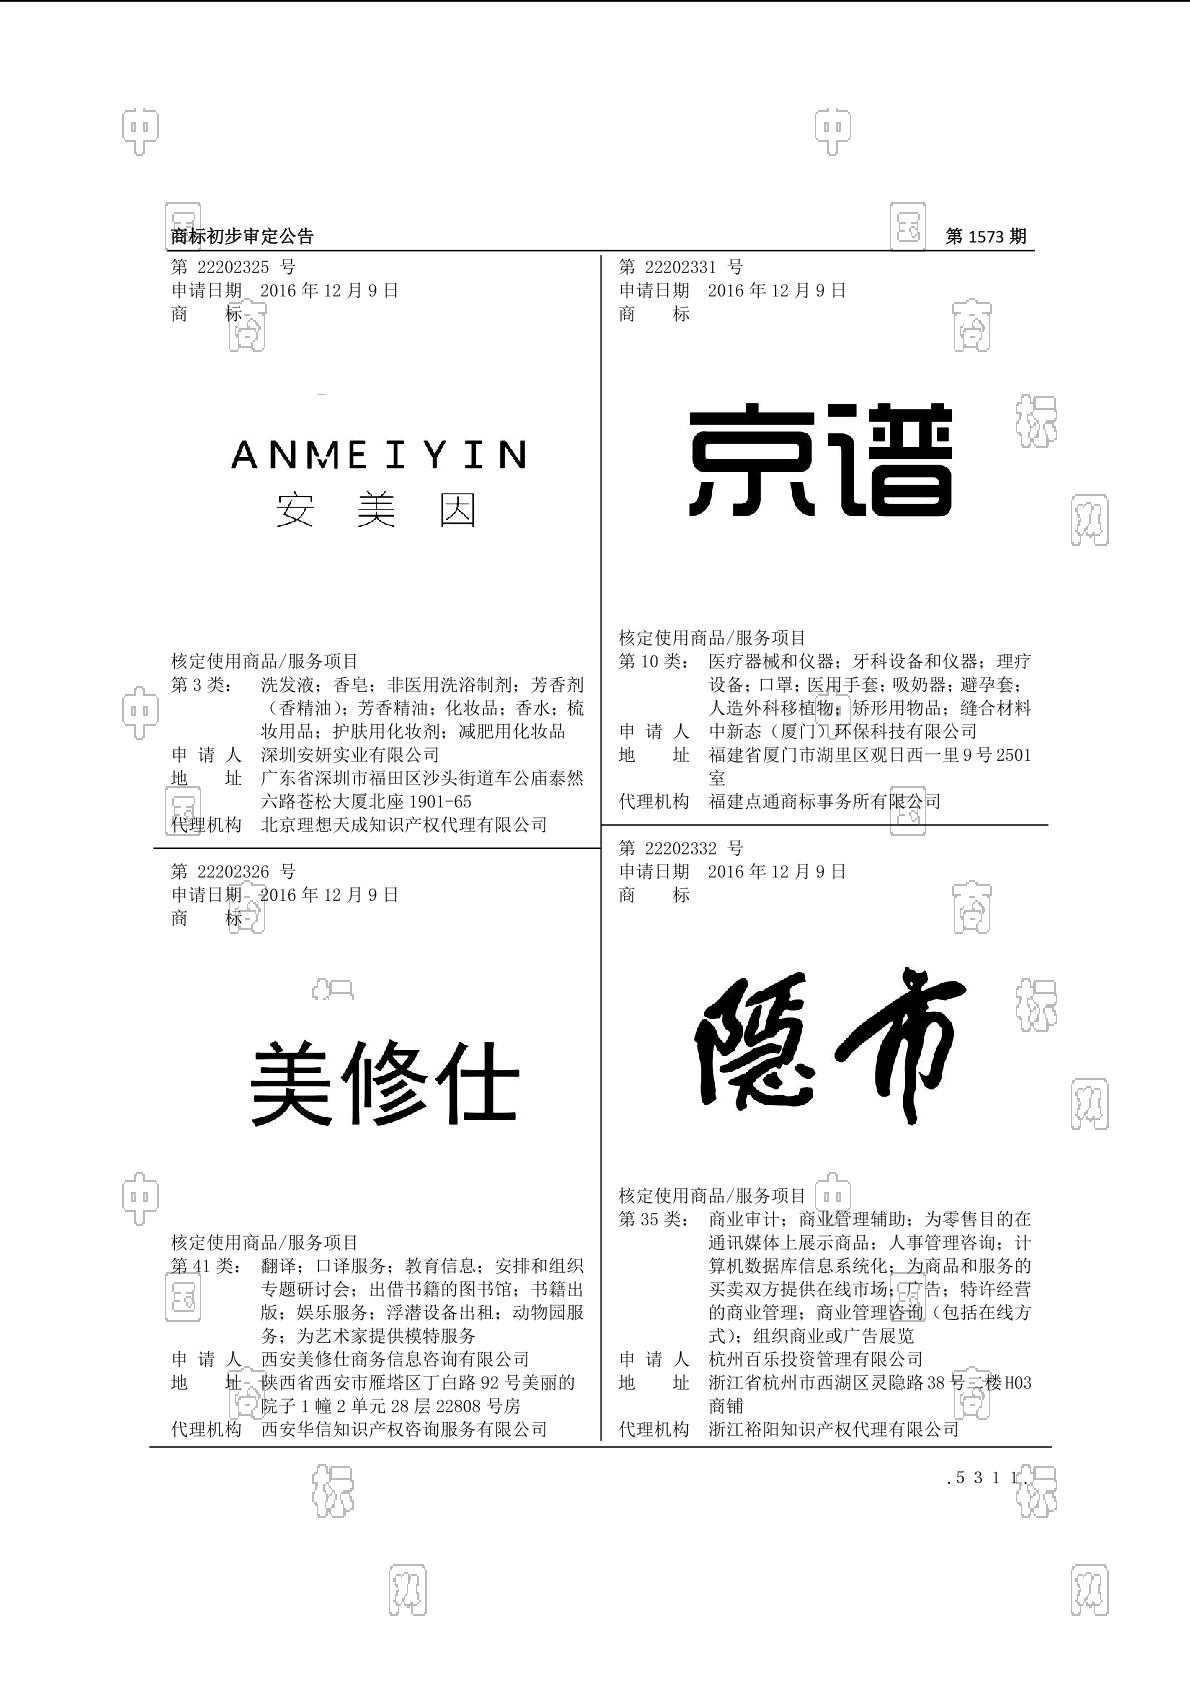 【社标网】隐市商标状态注册号信息 杭州百乐投资管理有限公司商标信息-商标查询